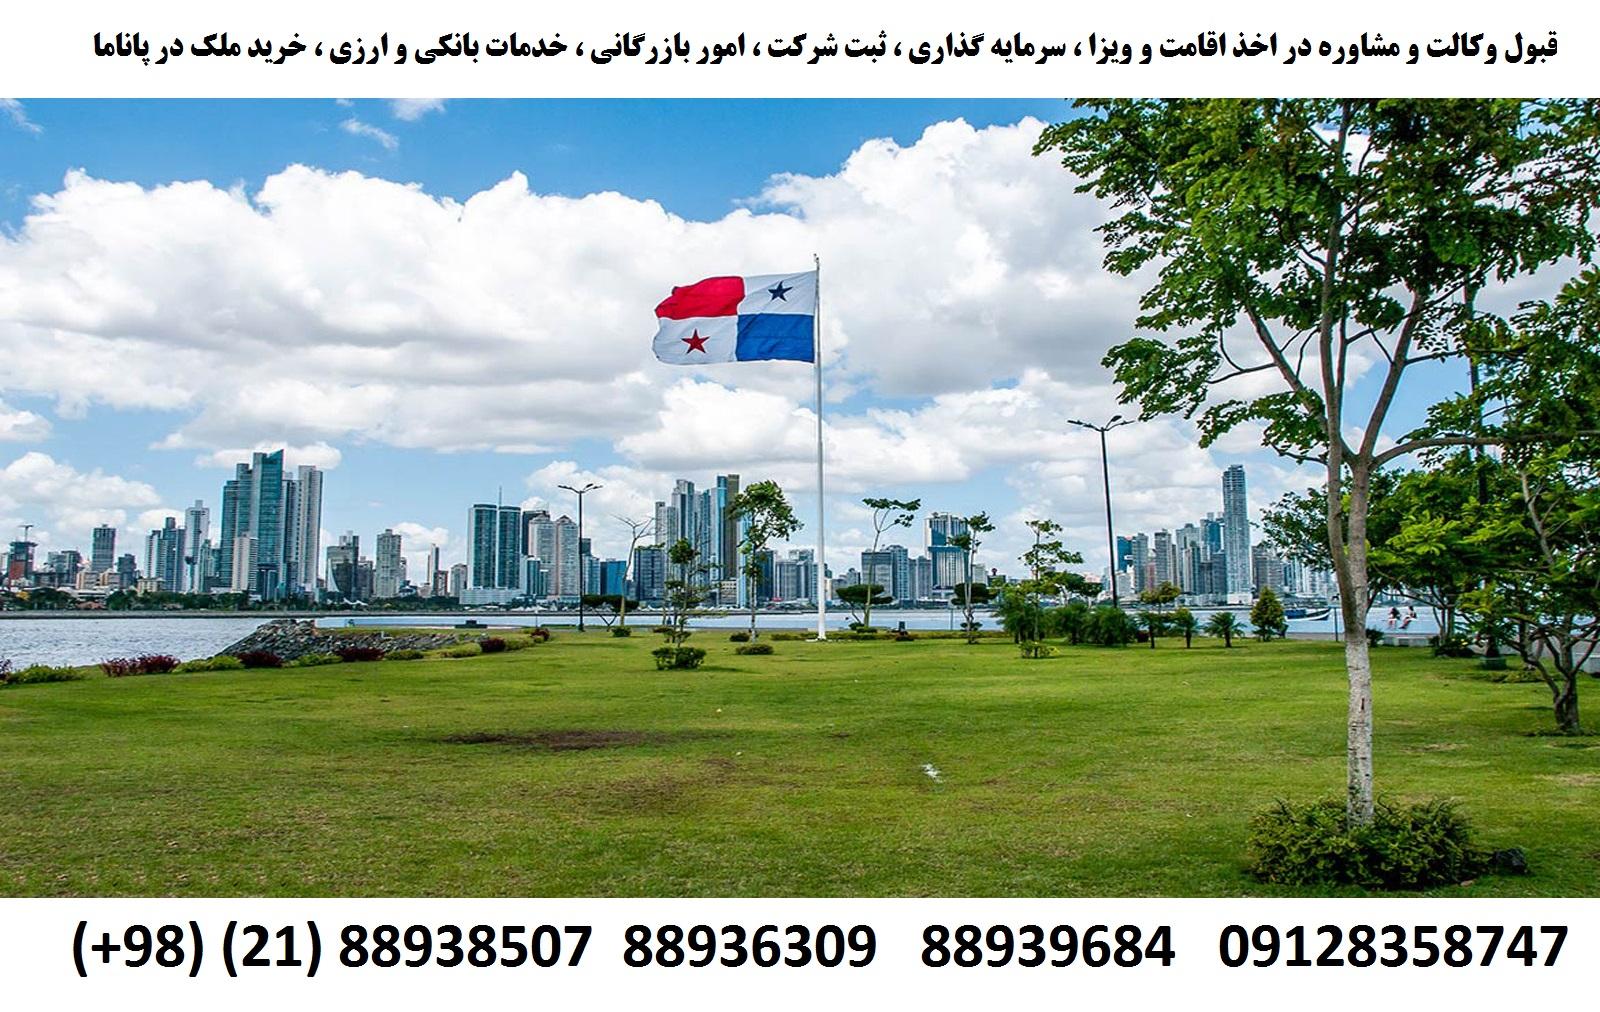 اقامت ، ویزا ، سرمایه گذاری ، خرید ملک در پاناما (4)